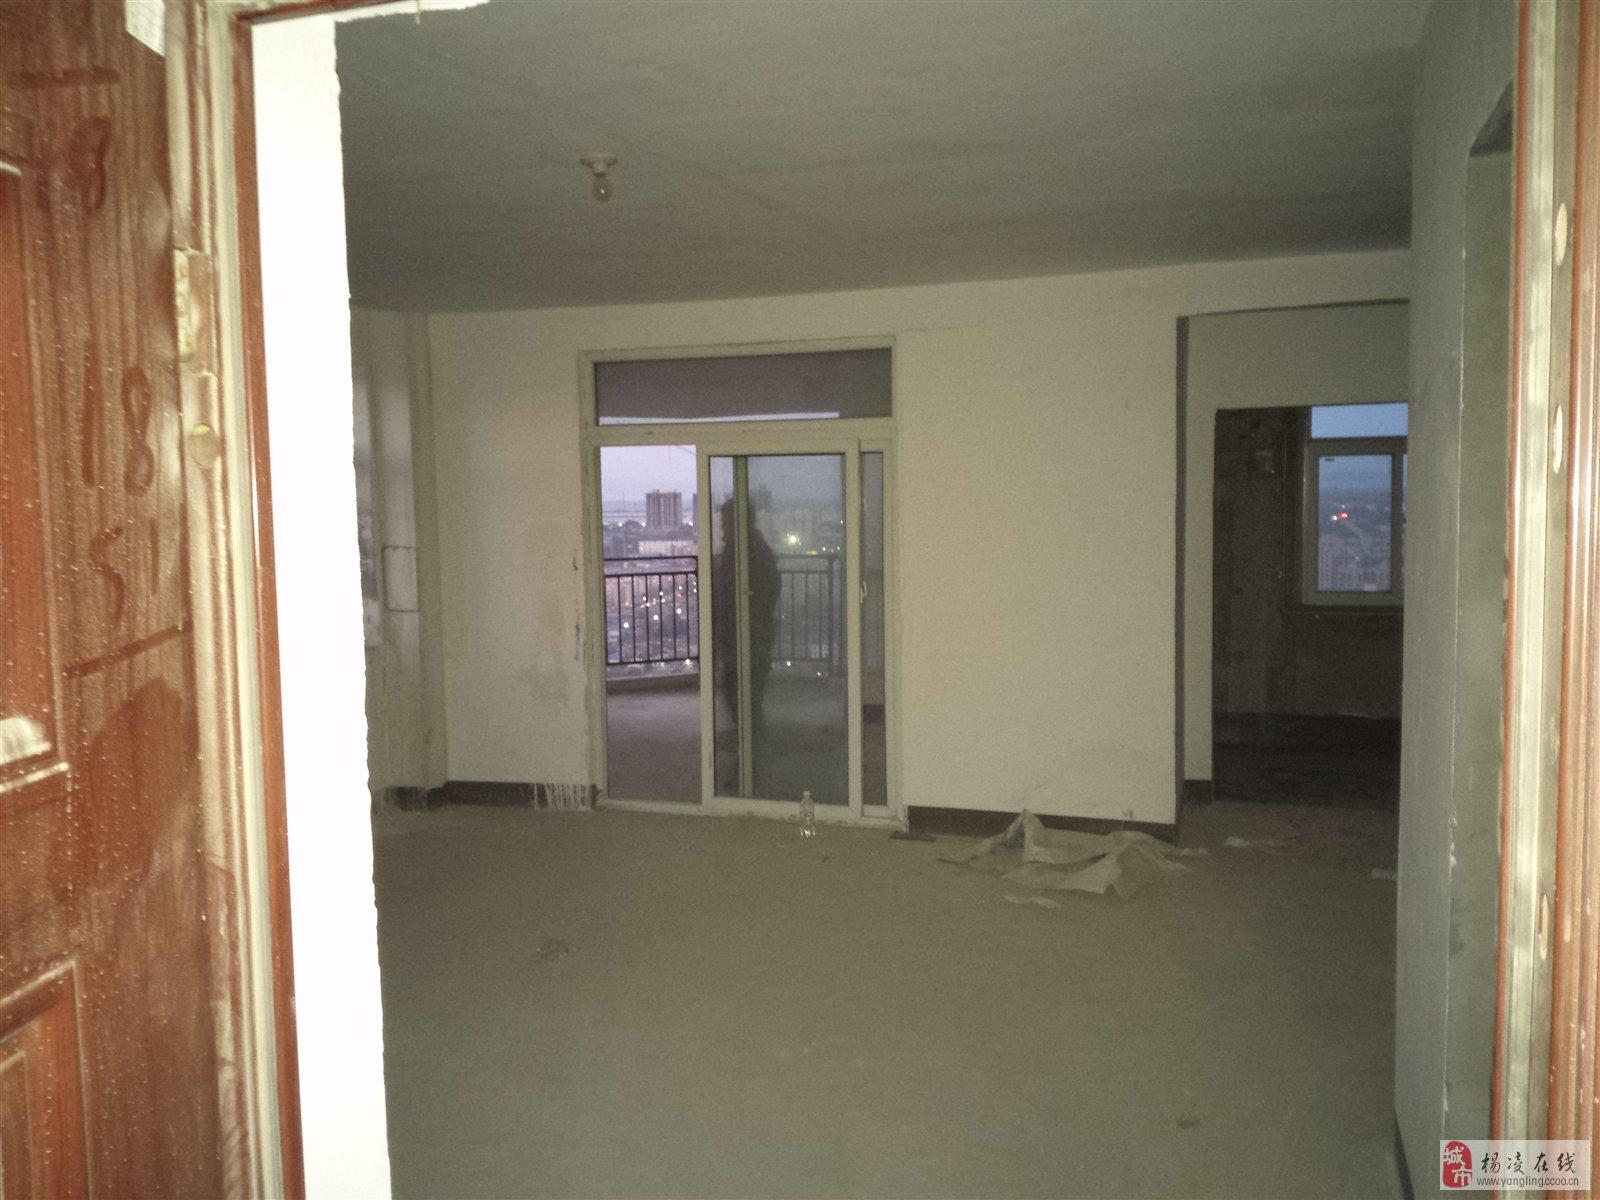 三间两层楼房户型设计图展示